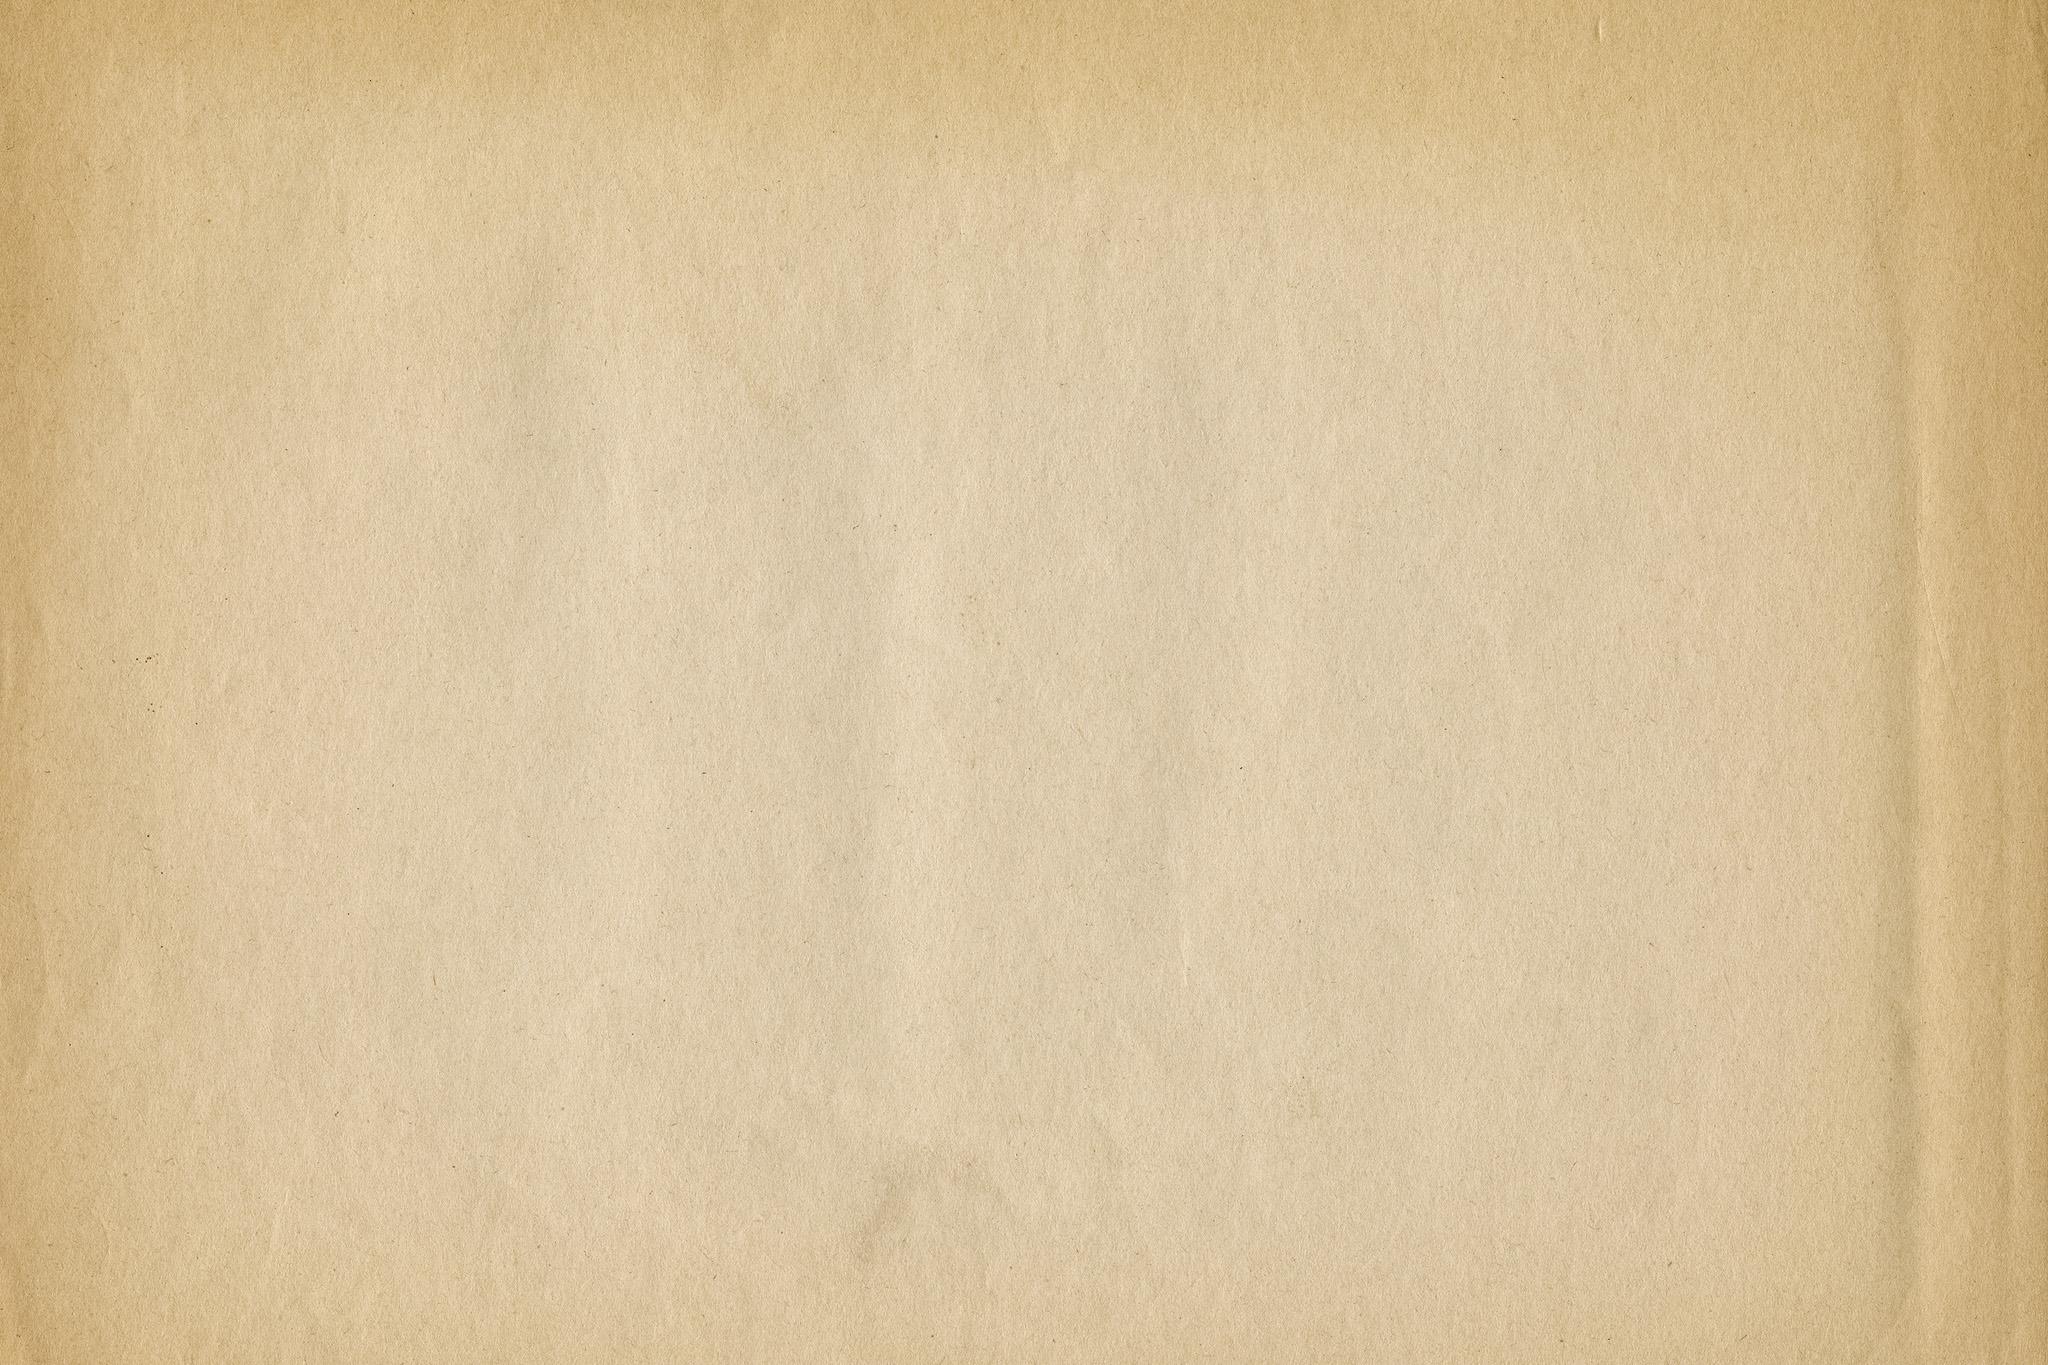 「縁が焼けた茶色く古い紙」の素材を無料ダウンロード